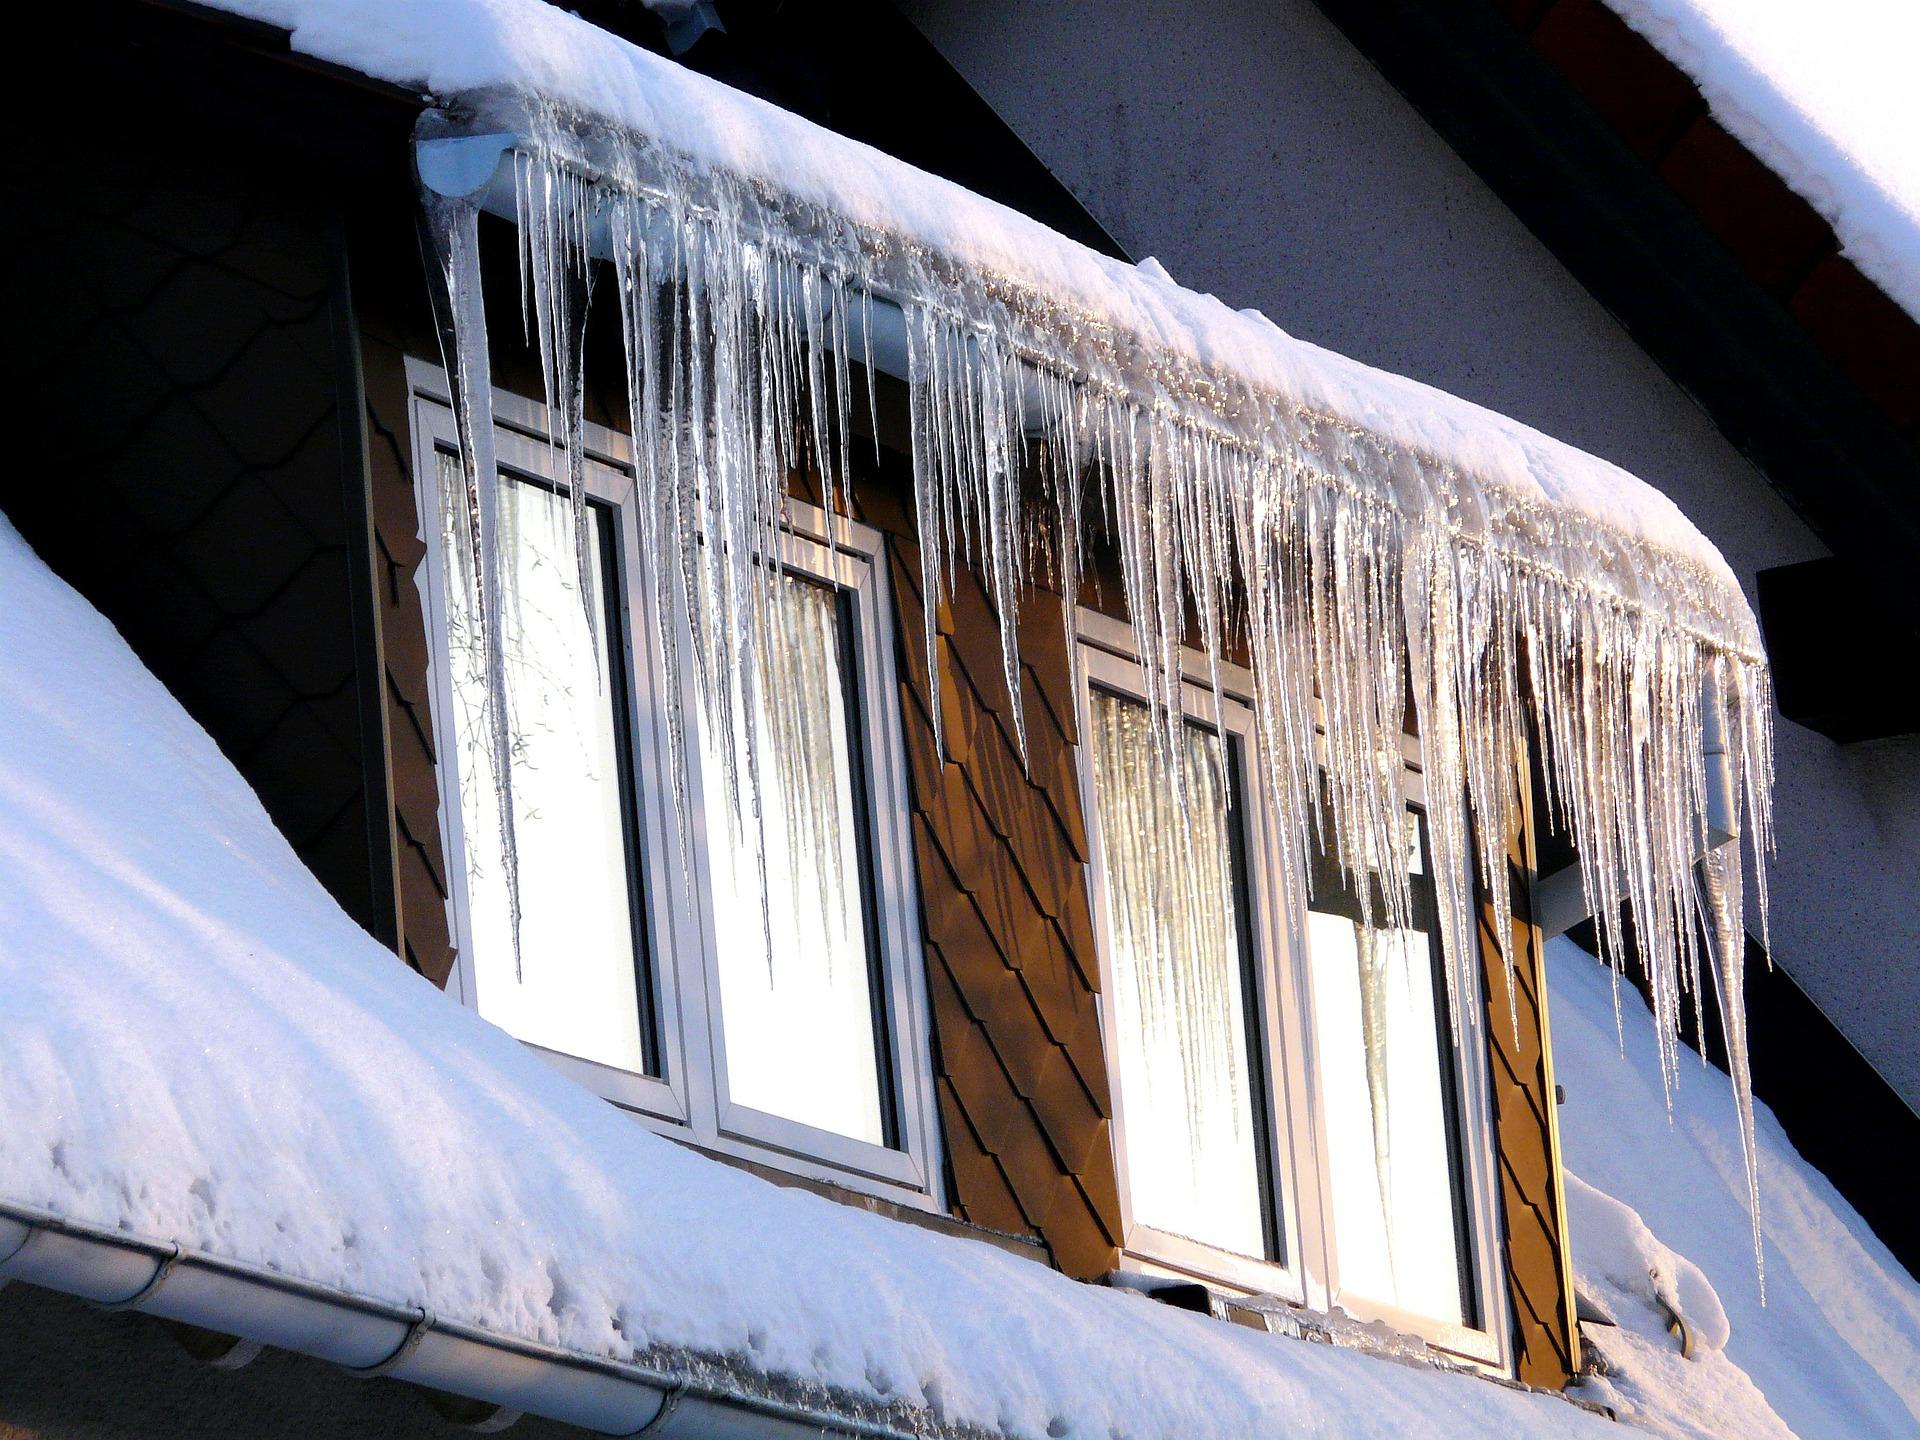 ice dam over roof dormer